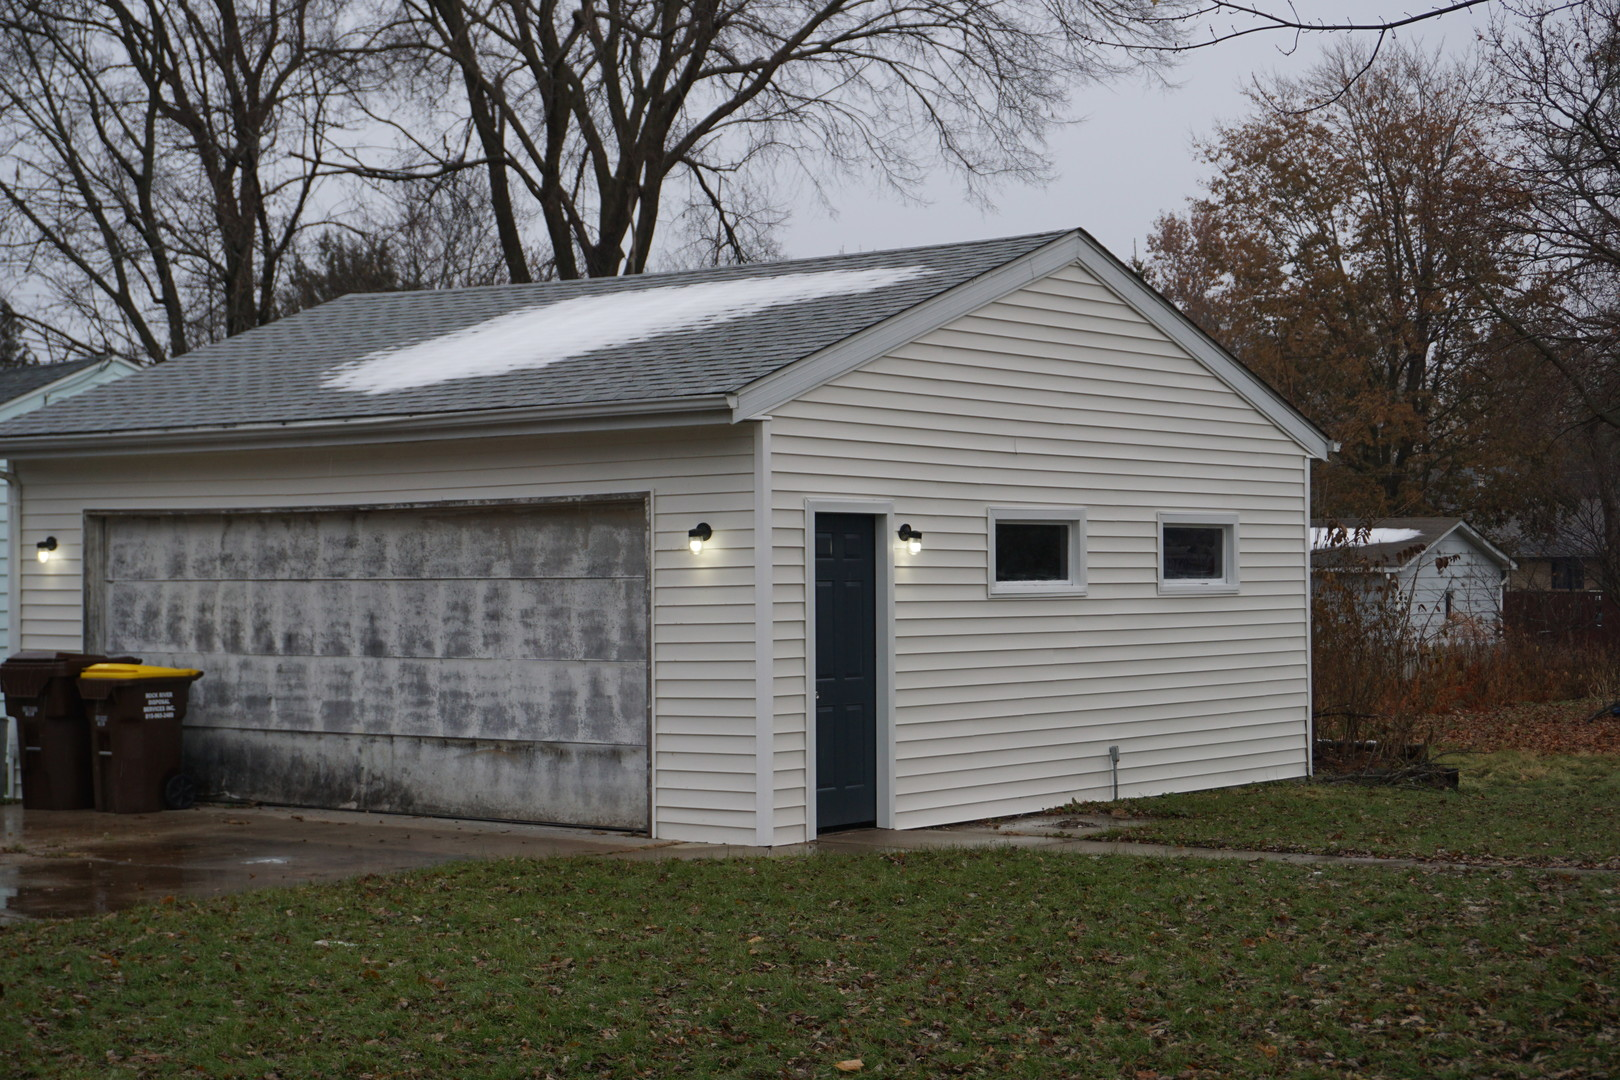 321 Mechanic ,Rockton, Illinois 61072